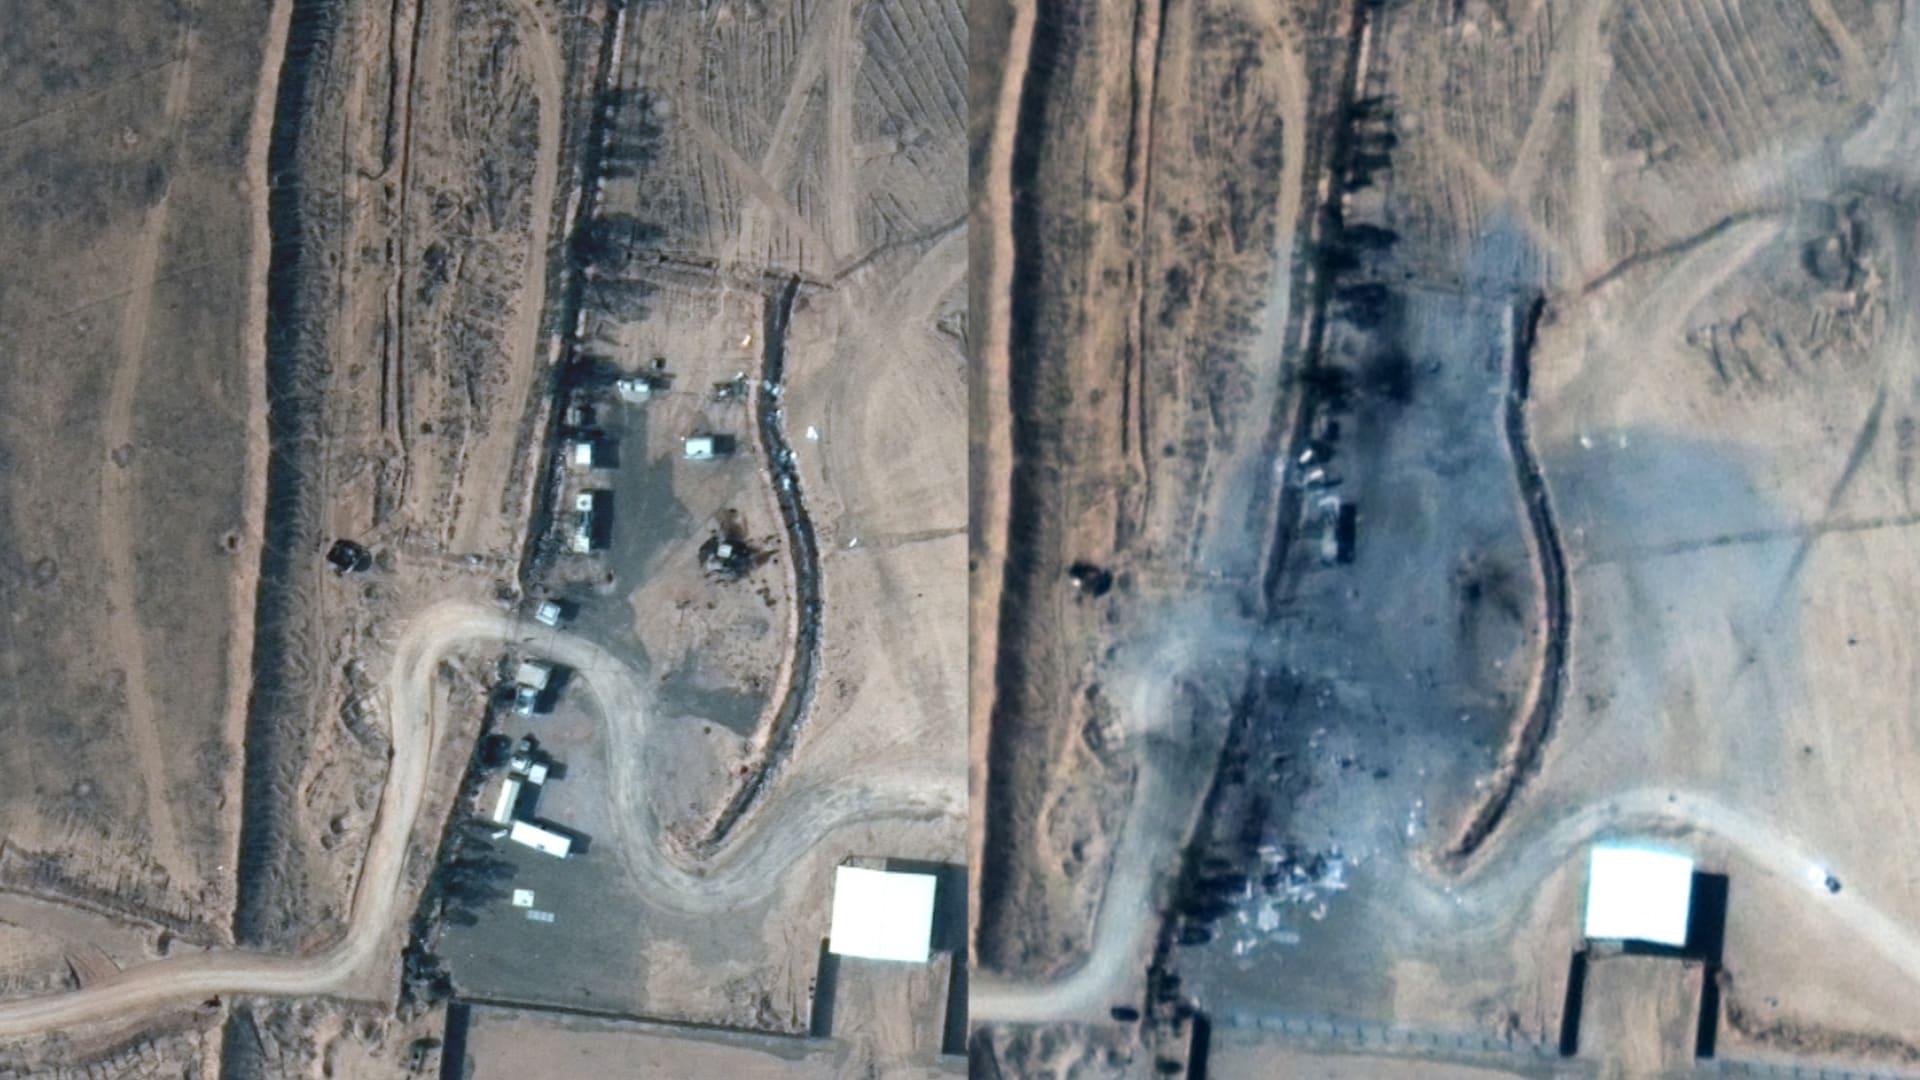 صور التقطها الأقمار الصناعية تظهر قبل وبعد الضربات الأمريكية في سوريا